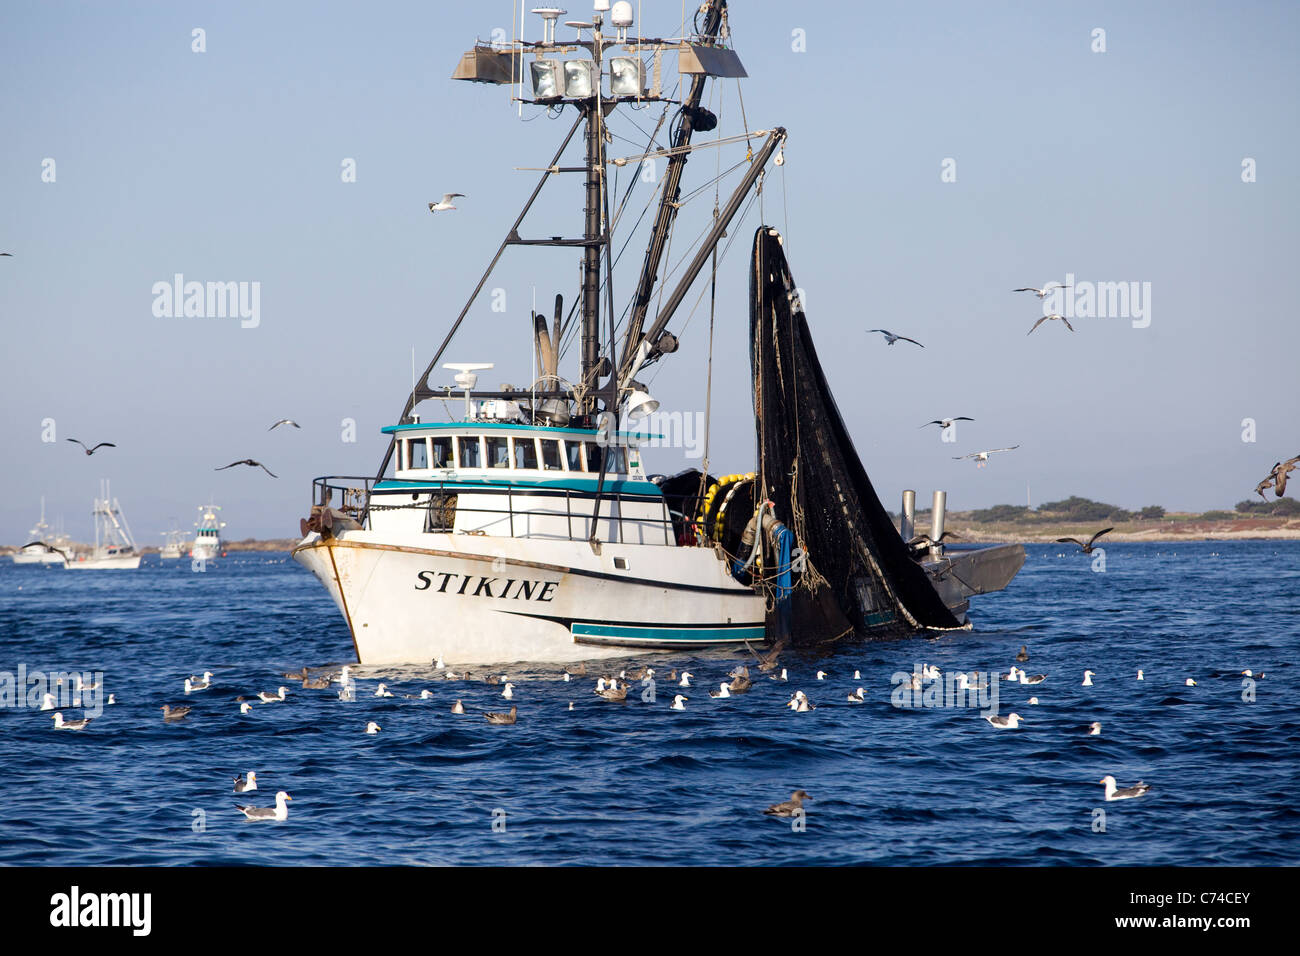 Un bateau de pêche tête de Monterey en Californie - le port. Banque D'Images